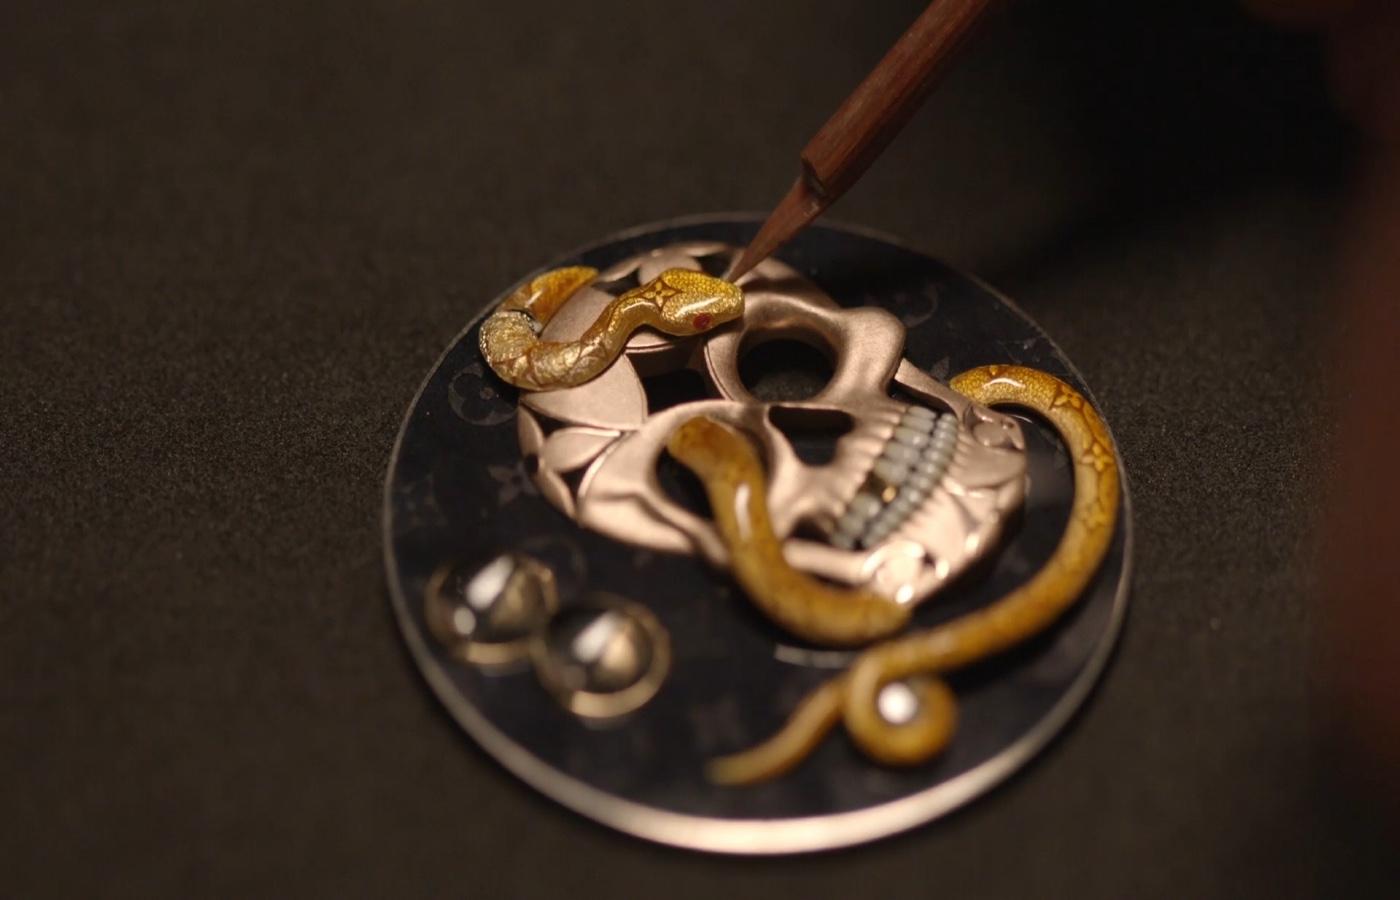 Louis Vuitton Carpe Diem